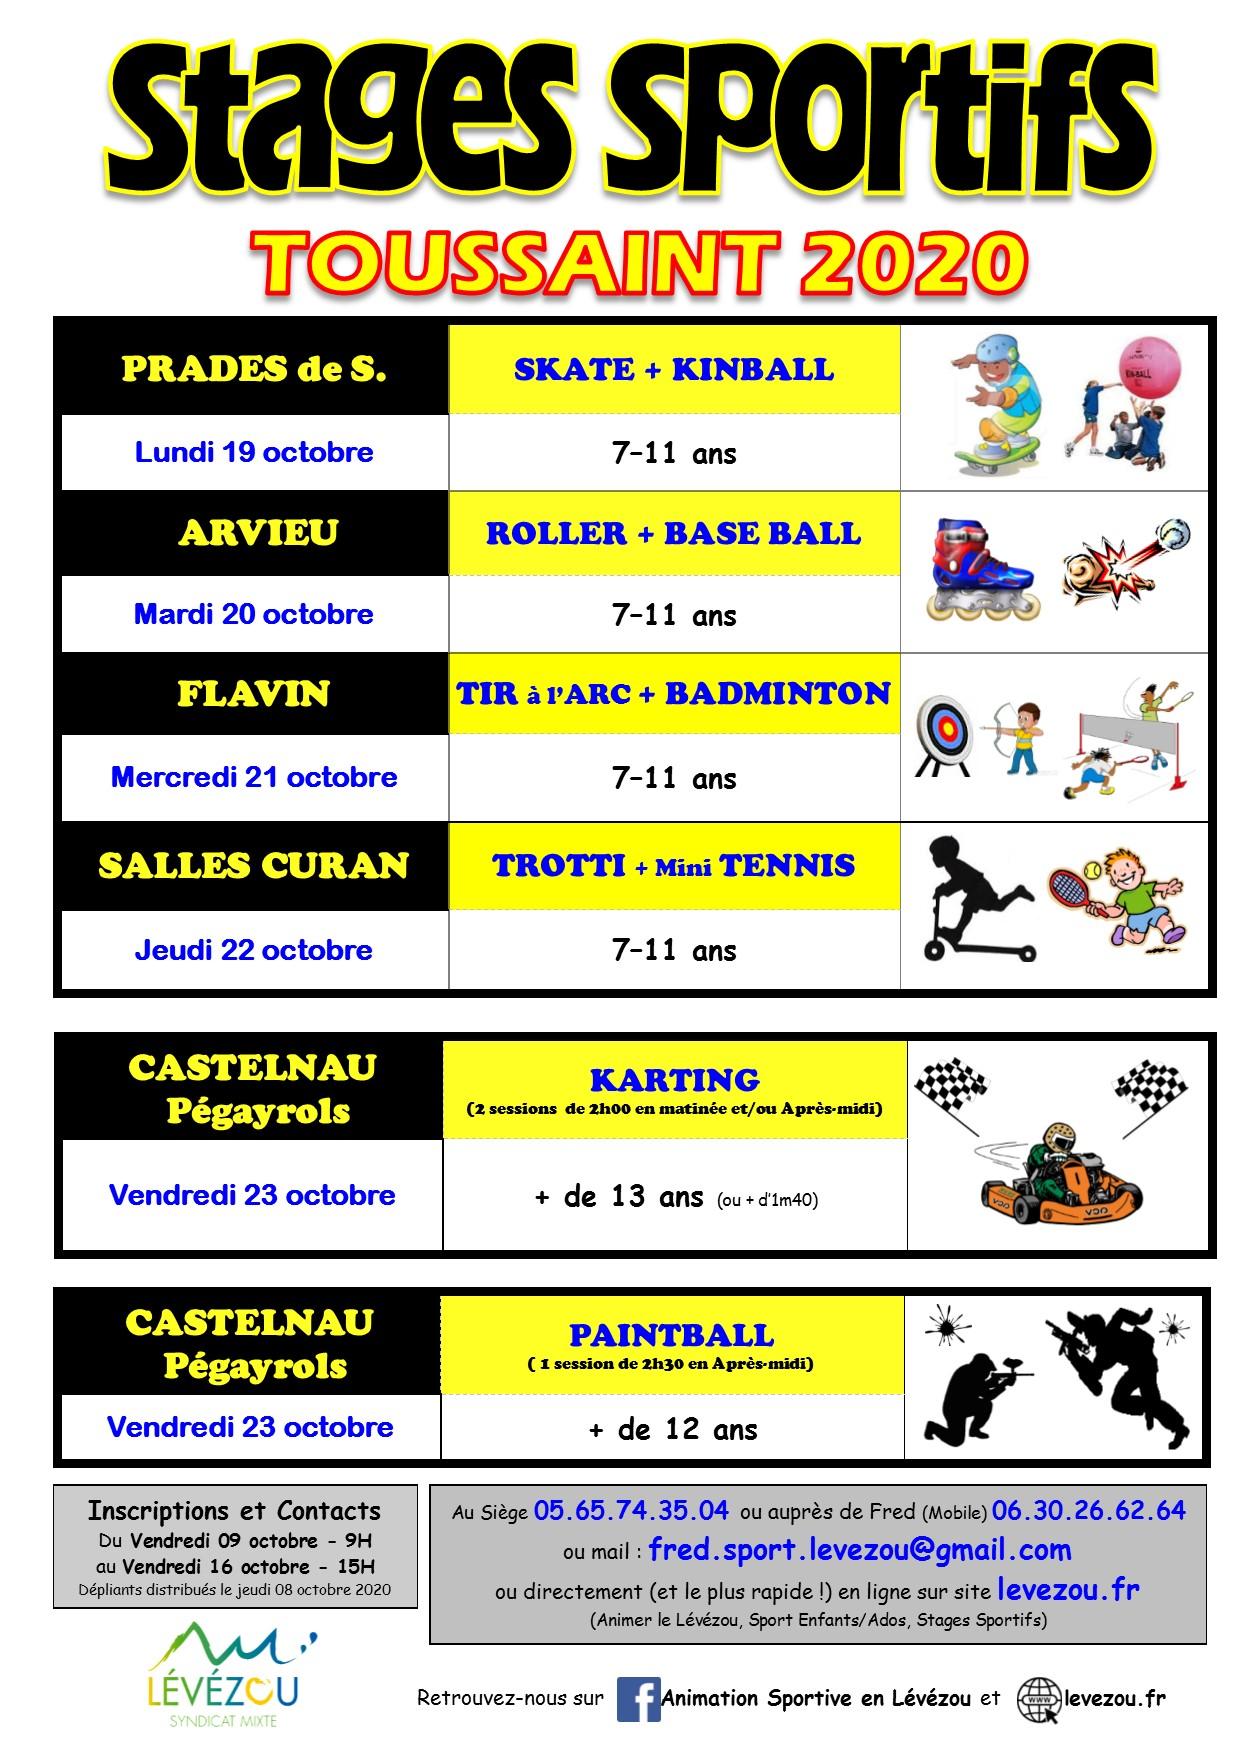 Affiche Stages sportifs Lévézou Toussaint 2020